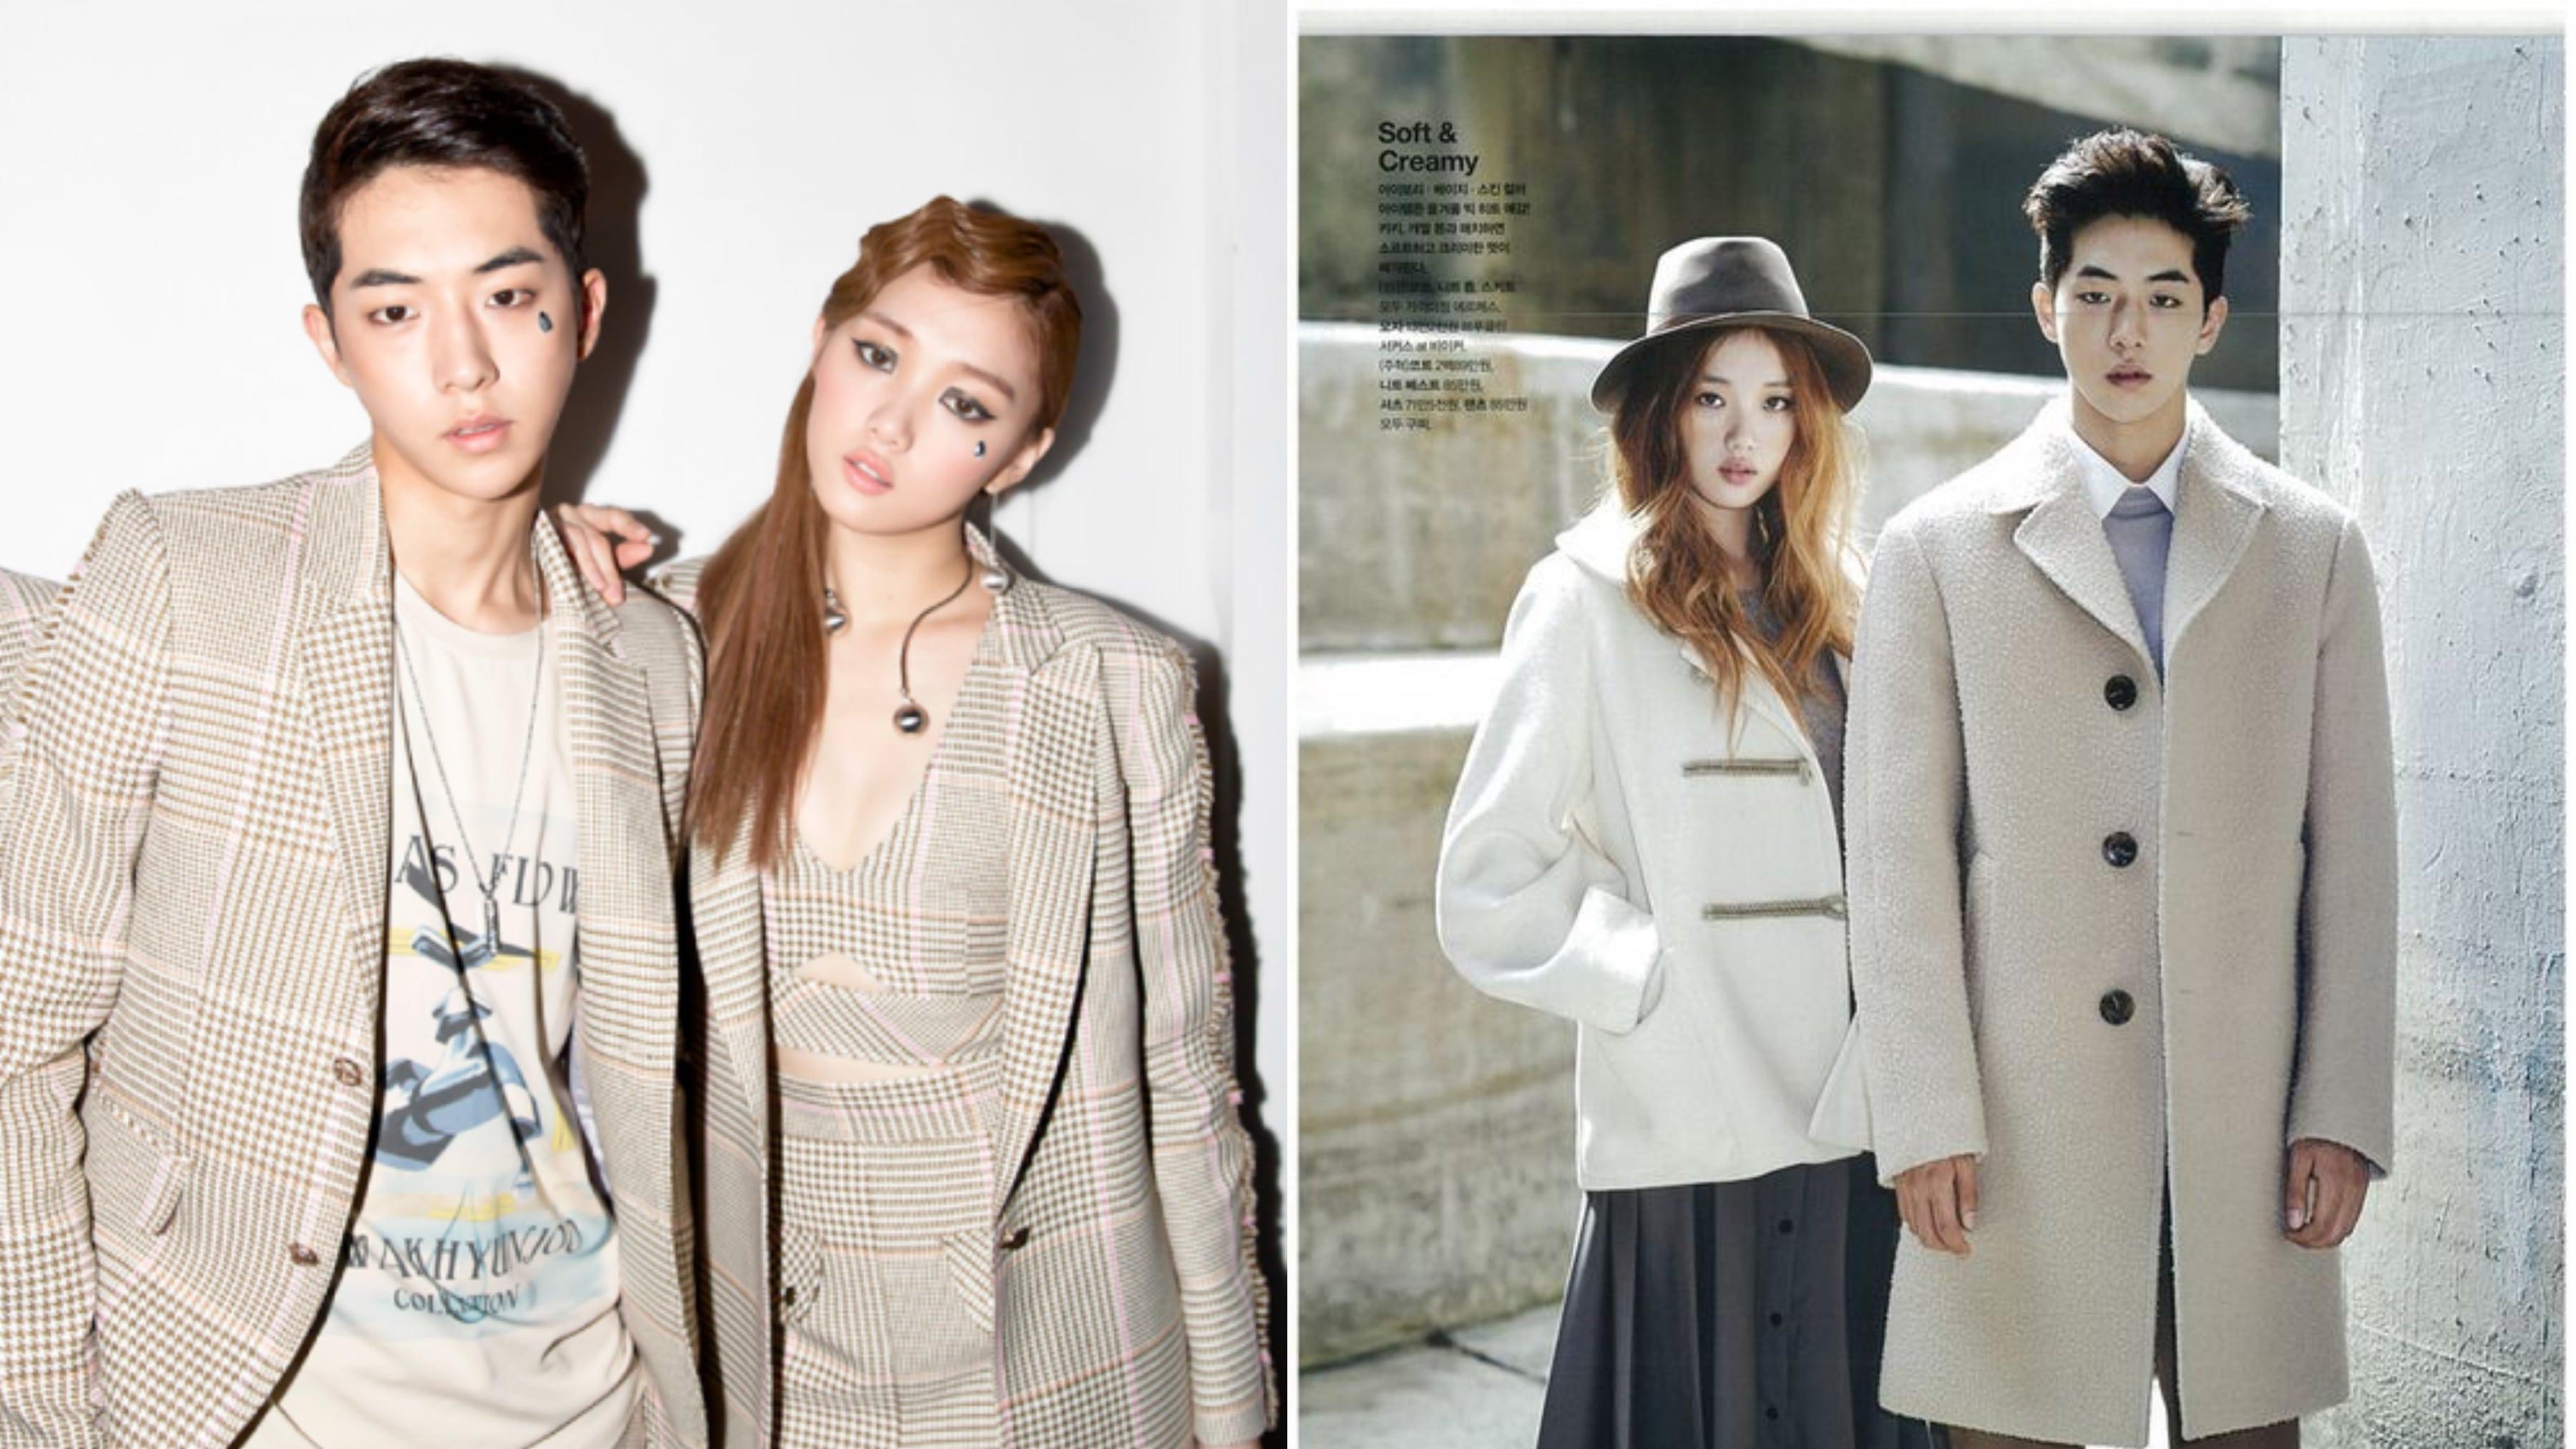 De compañeros de trabajo a una pareja: Los mejores momento de Lee Sung Kyung  y Nam Joo Hyuk en el modelaje   Soompi